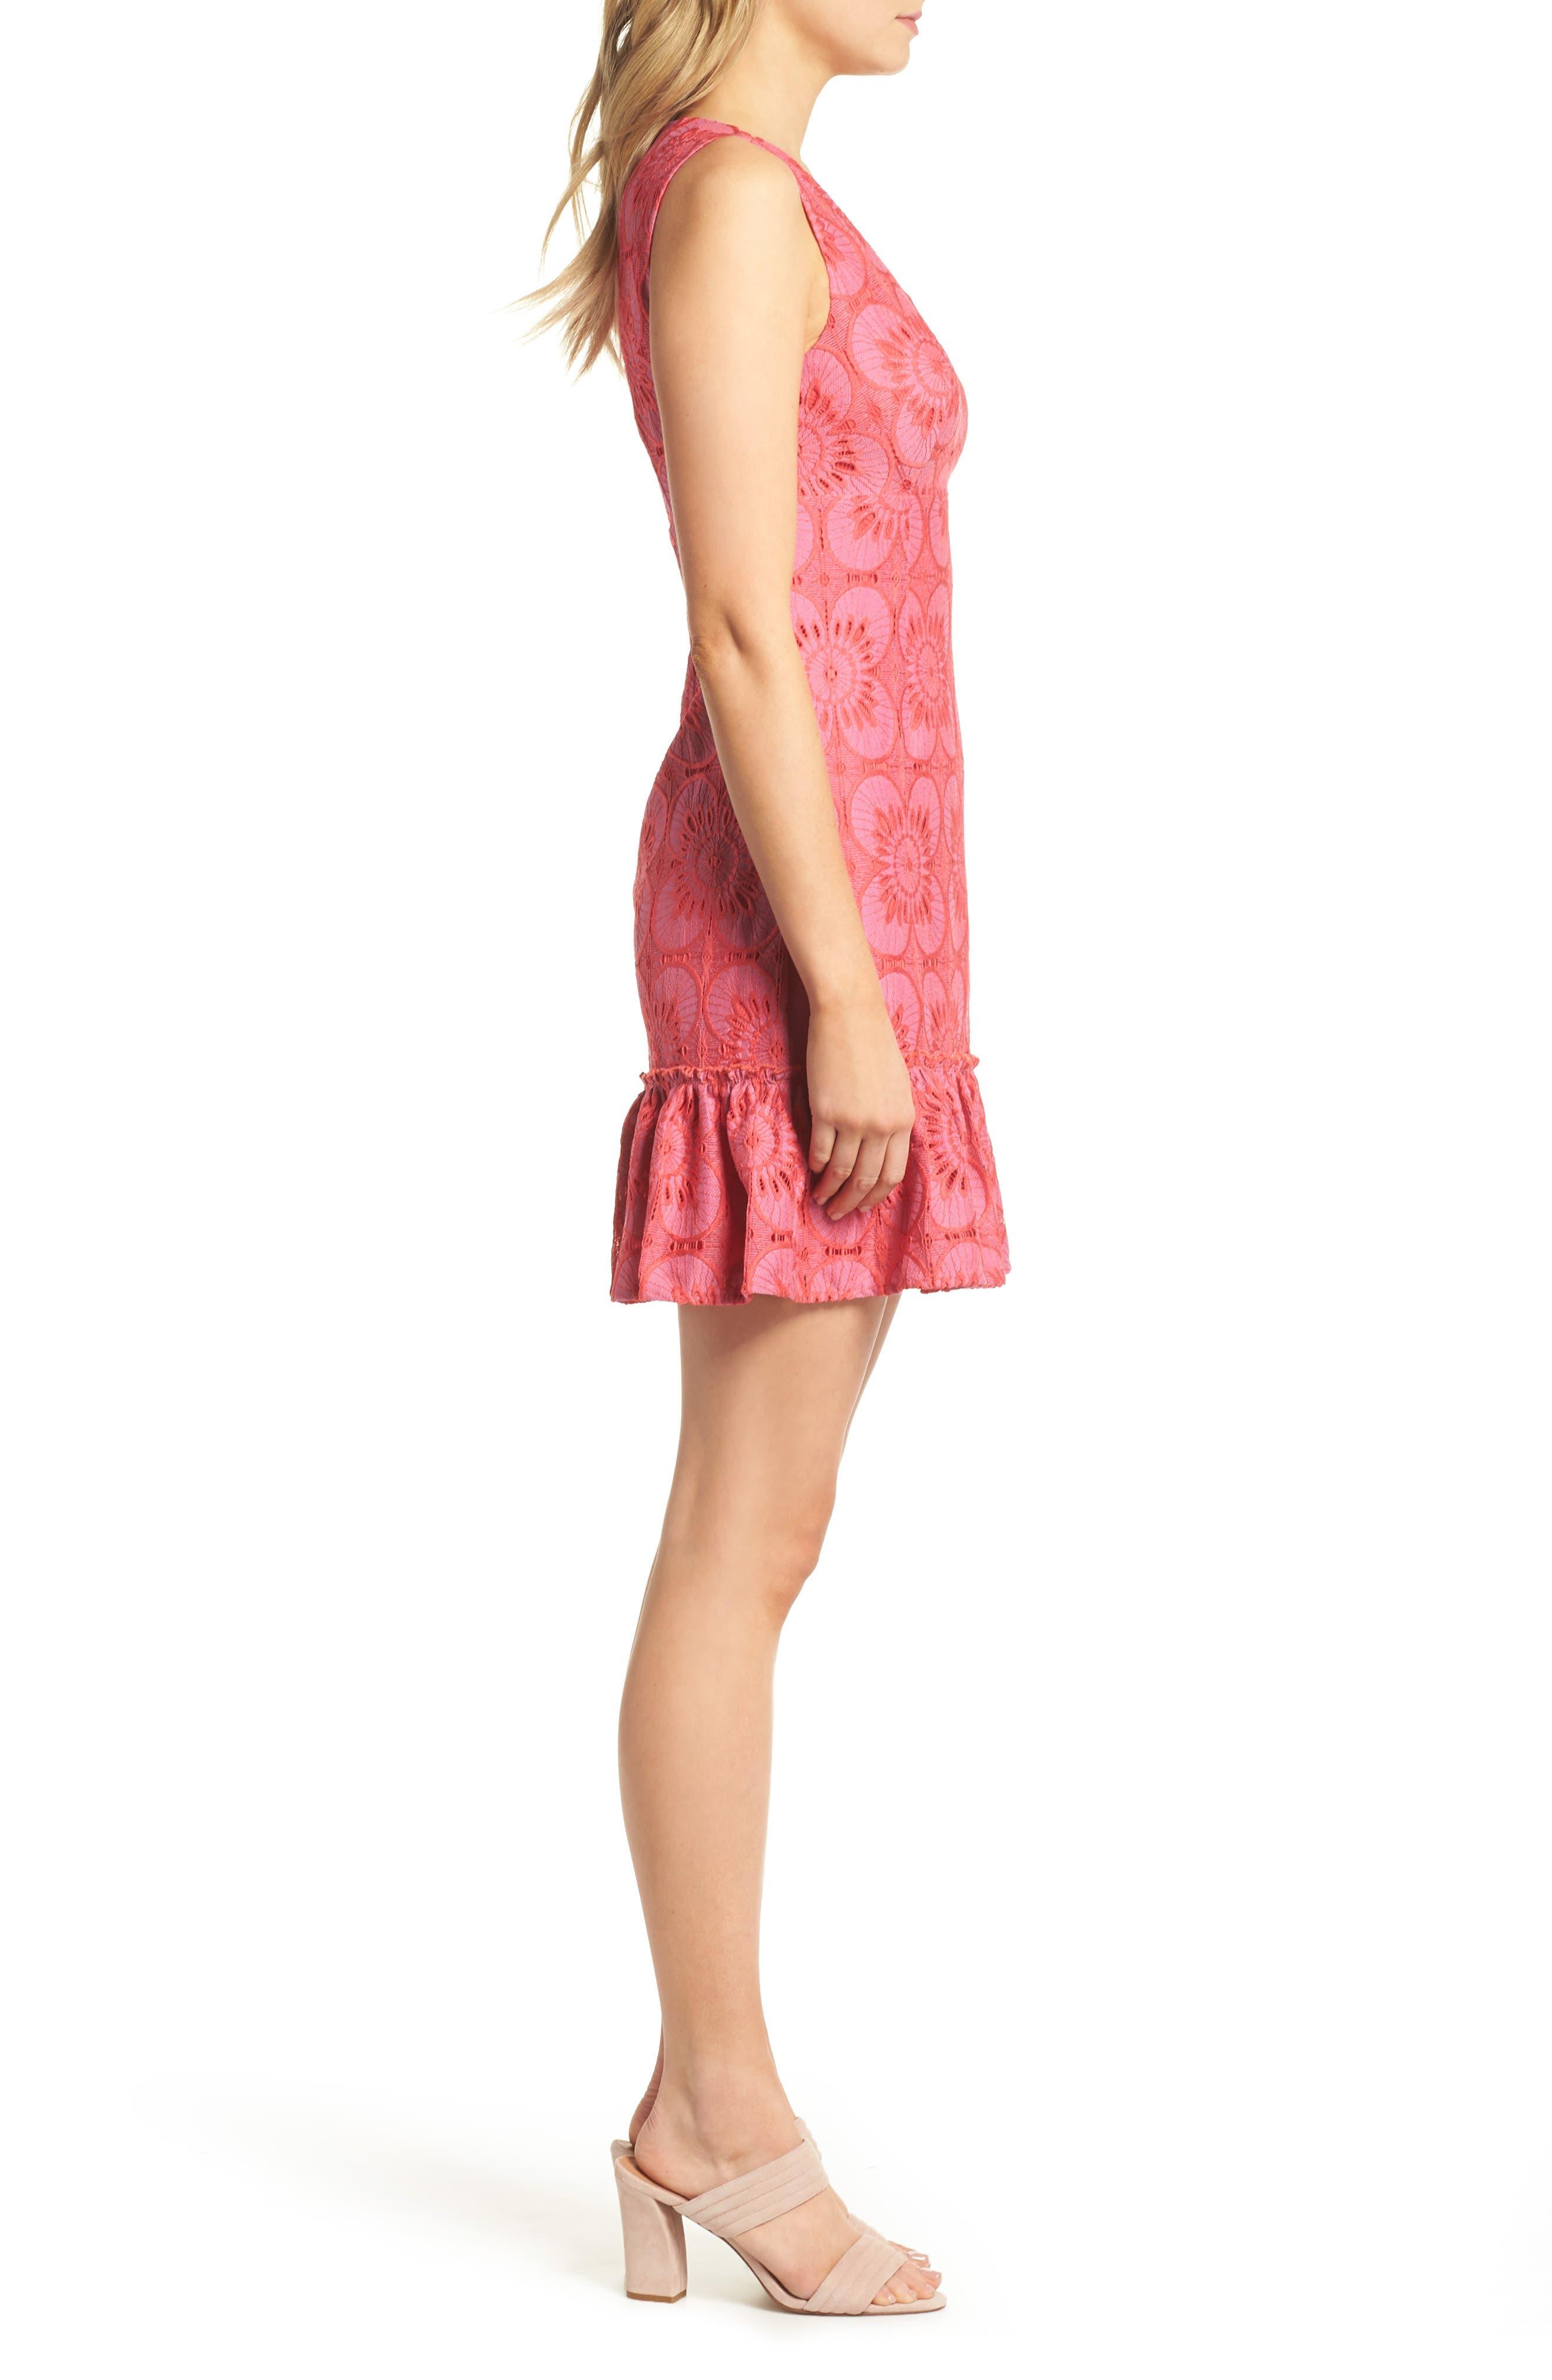 Carpinteria Lace Ruffle Hem Dress,                             Alternate thumbnail 3, color,